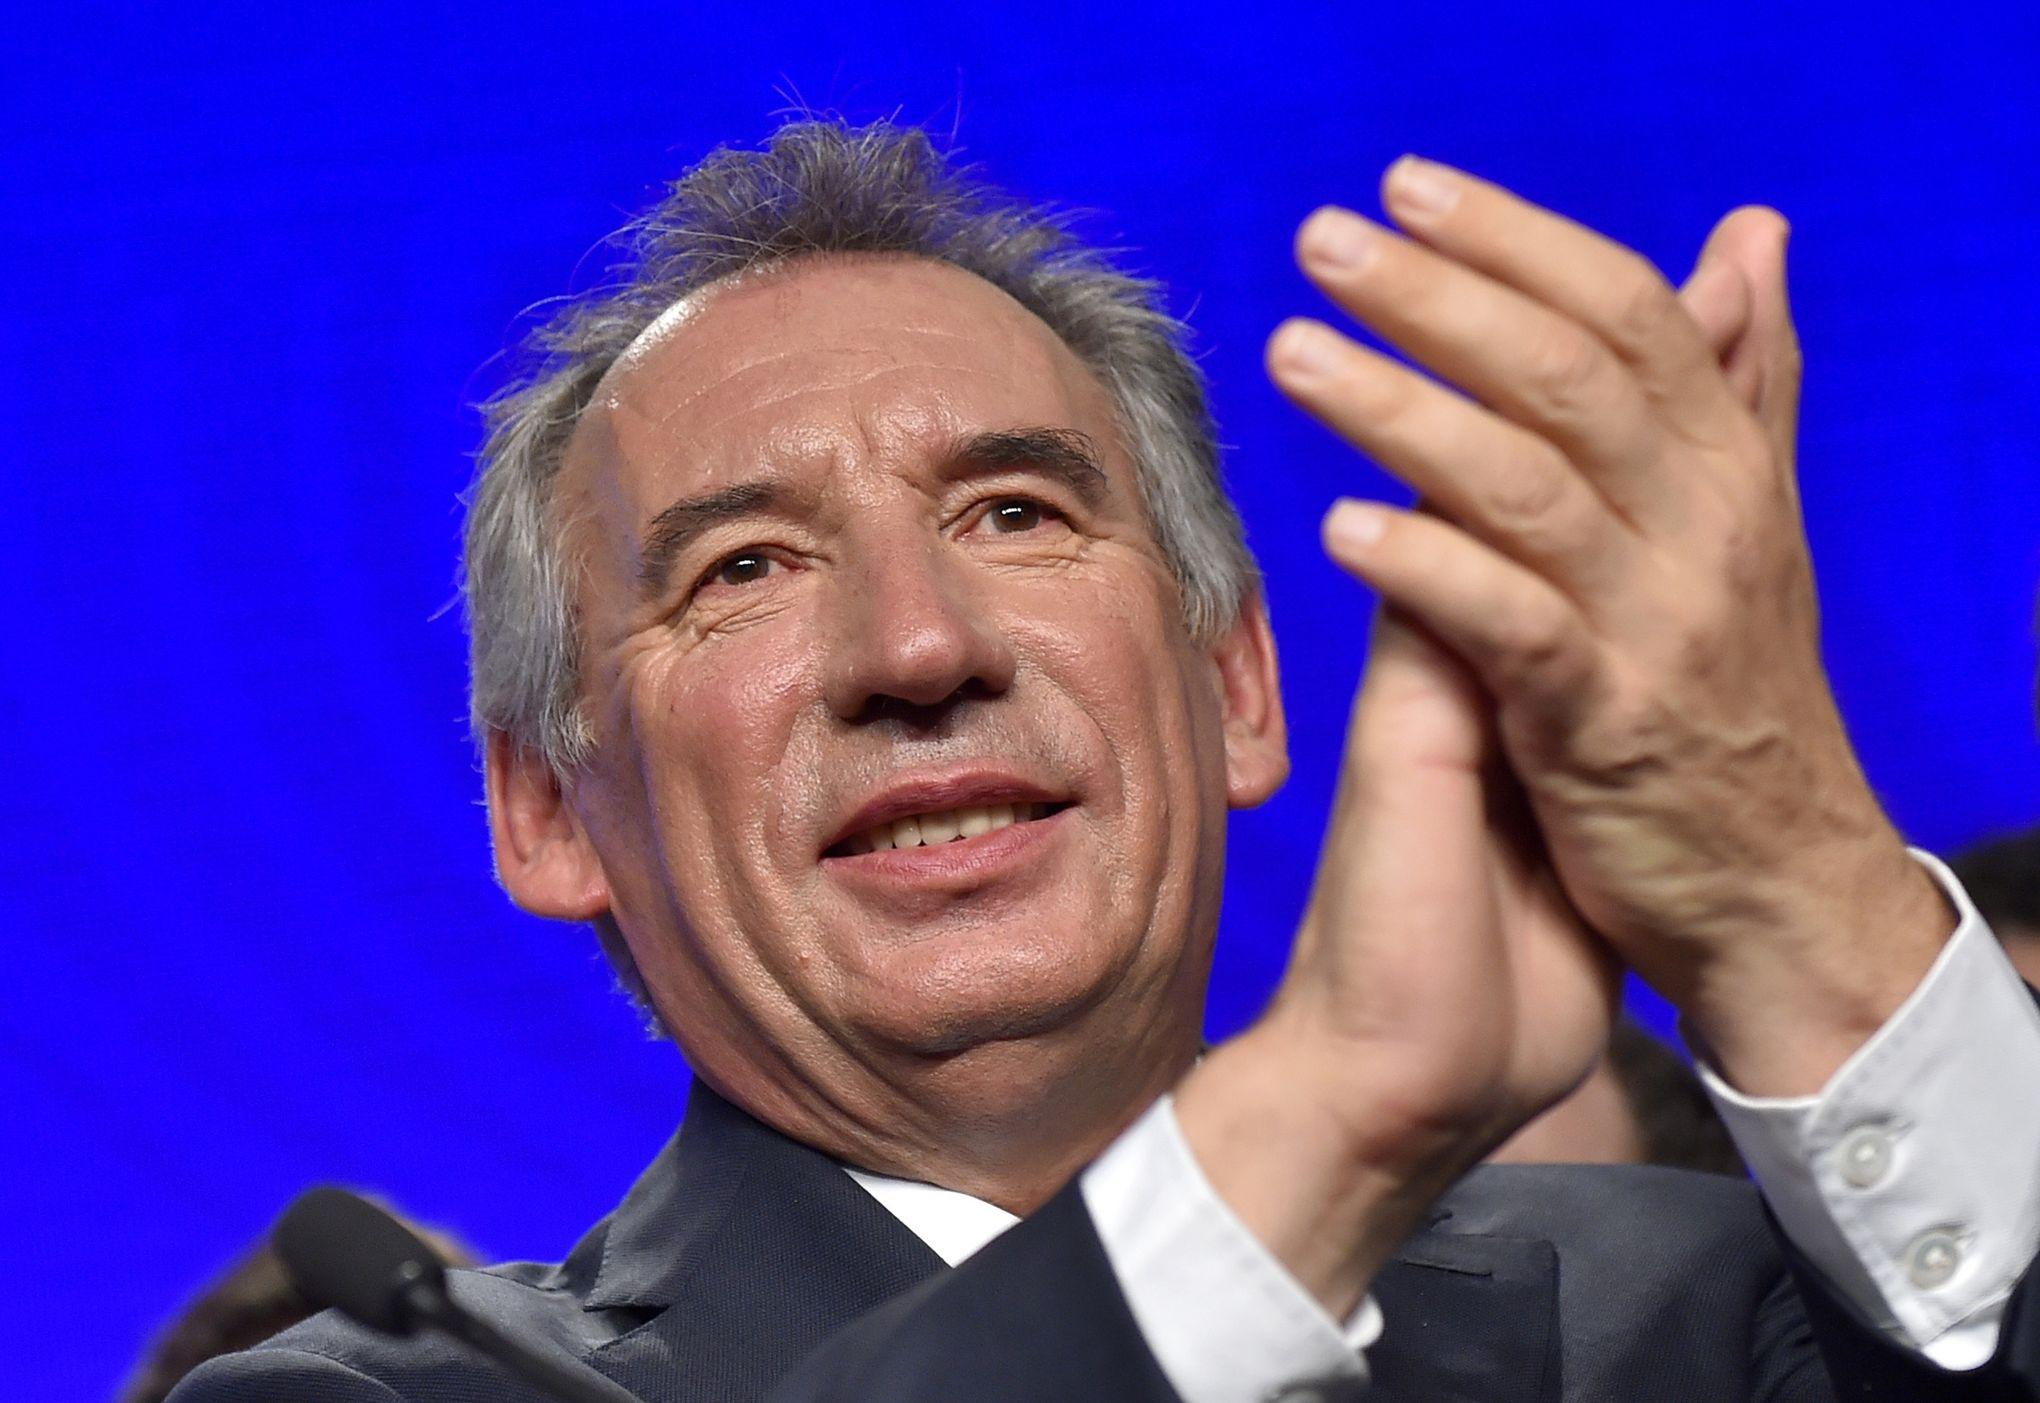 Le billet politique - Bayrou propose à Macron d'organiser le « casse du siècle »